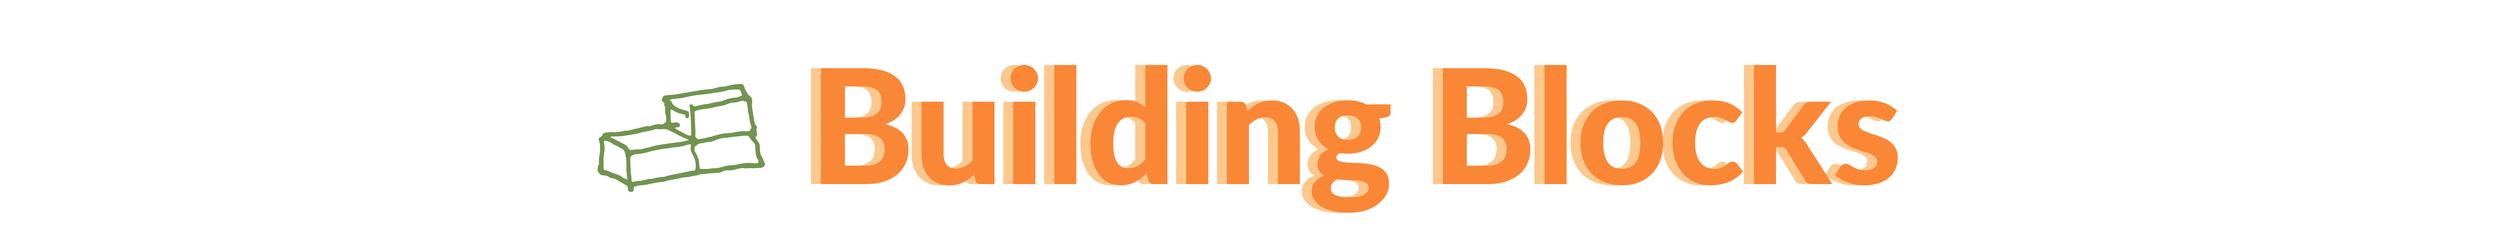 Headers-_BuildingBlocks.png